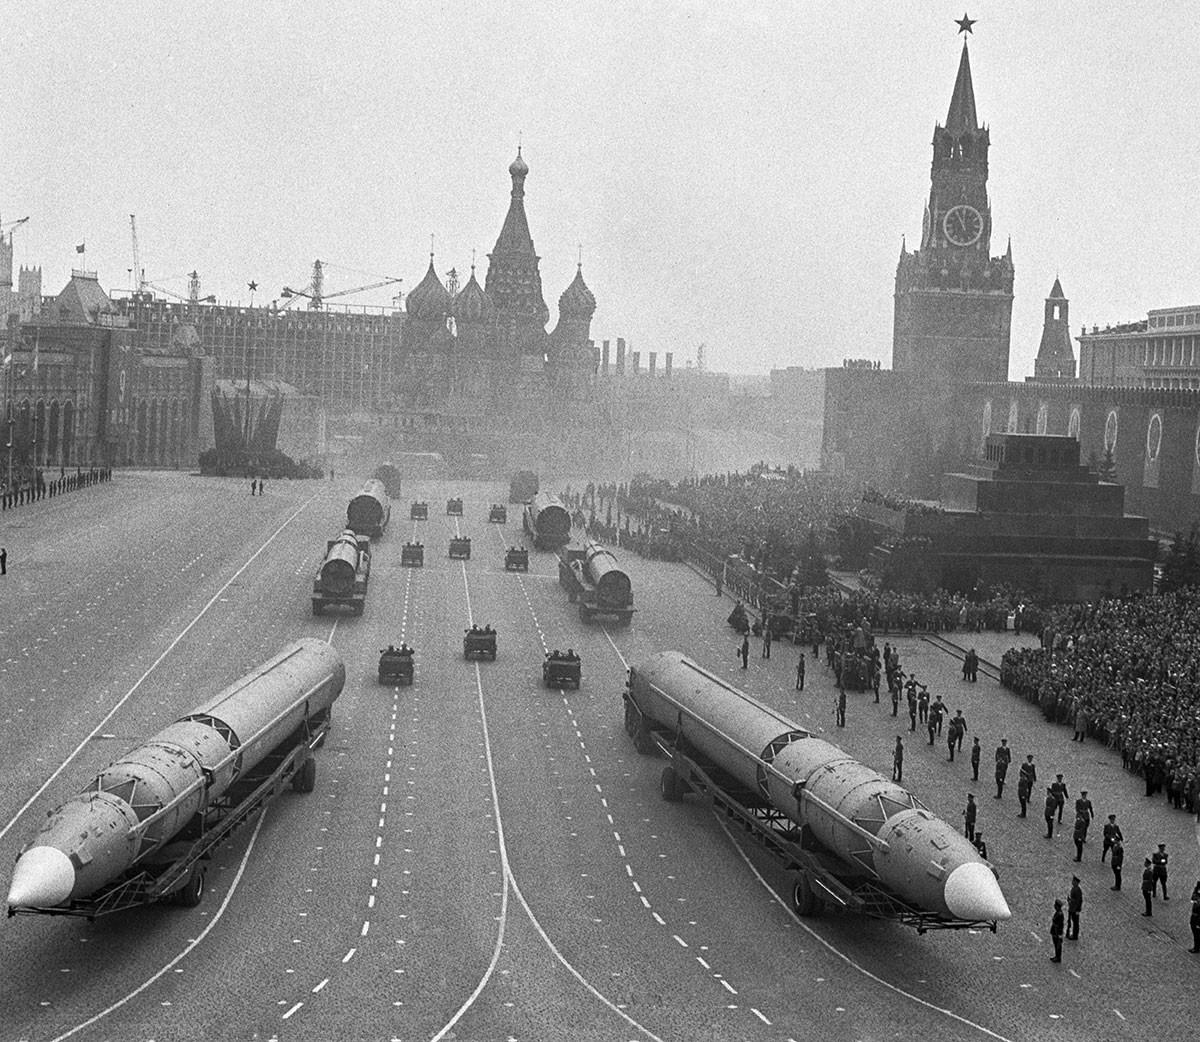 Межконтинентальные баллистические ракеты ГР-1 (8К713) на параде в честь 20-й годовщины победы в Великой Отечественной войне в 1965.